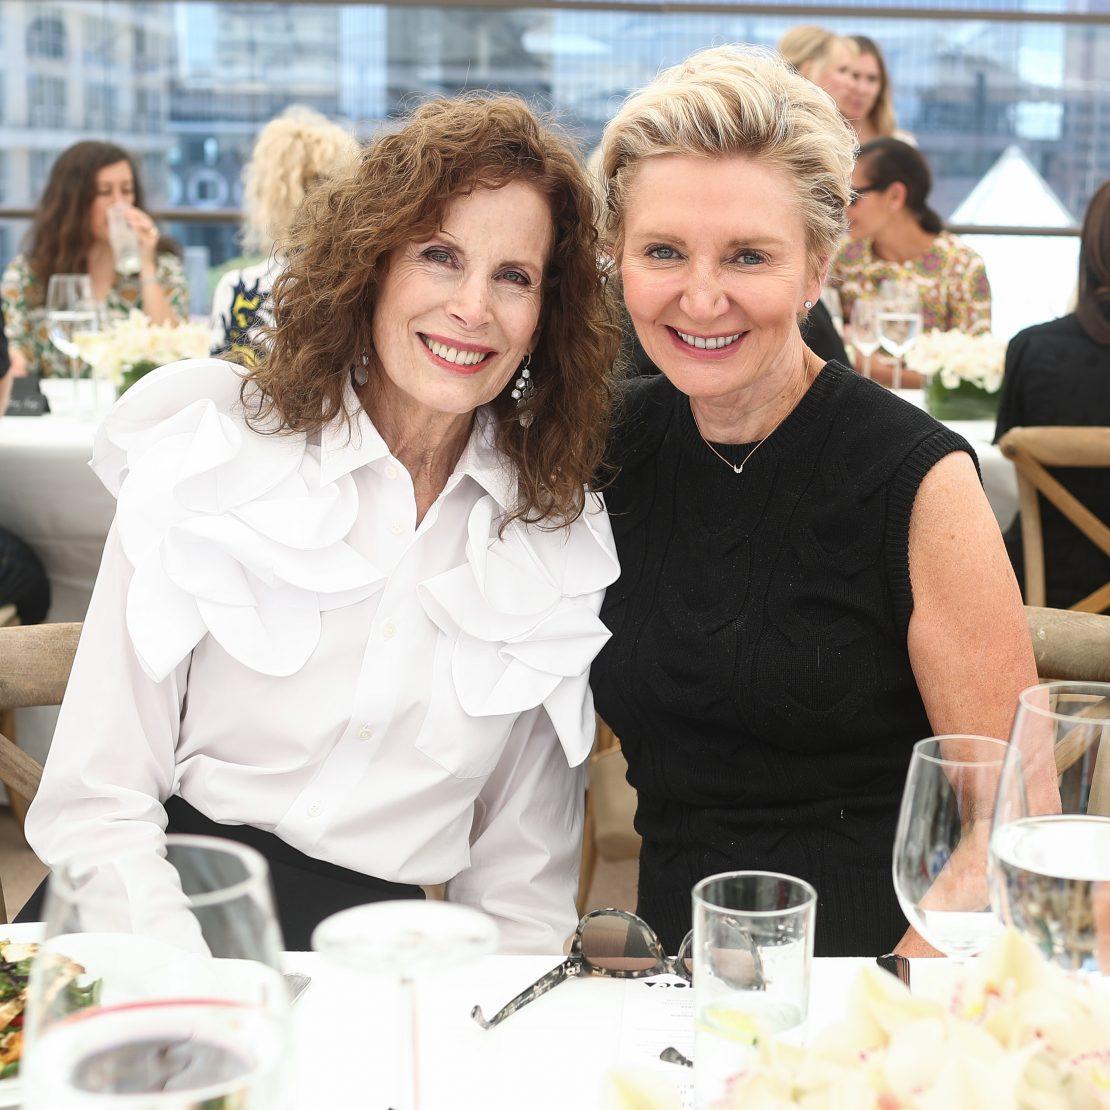 Mandy Einstein and Shelley Reid